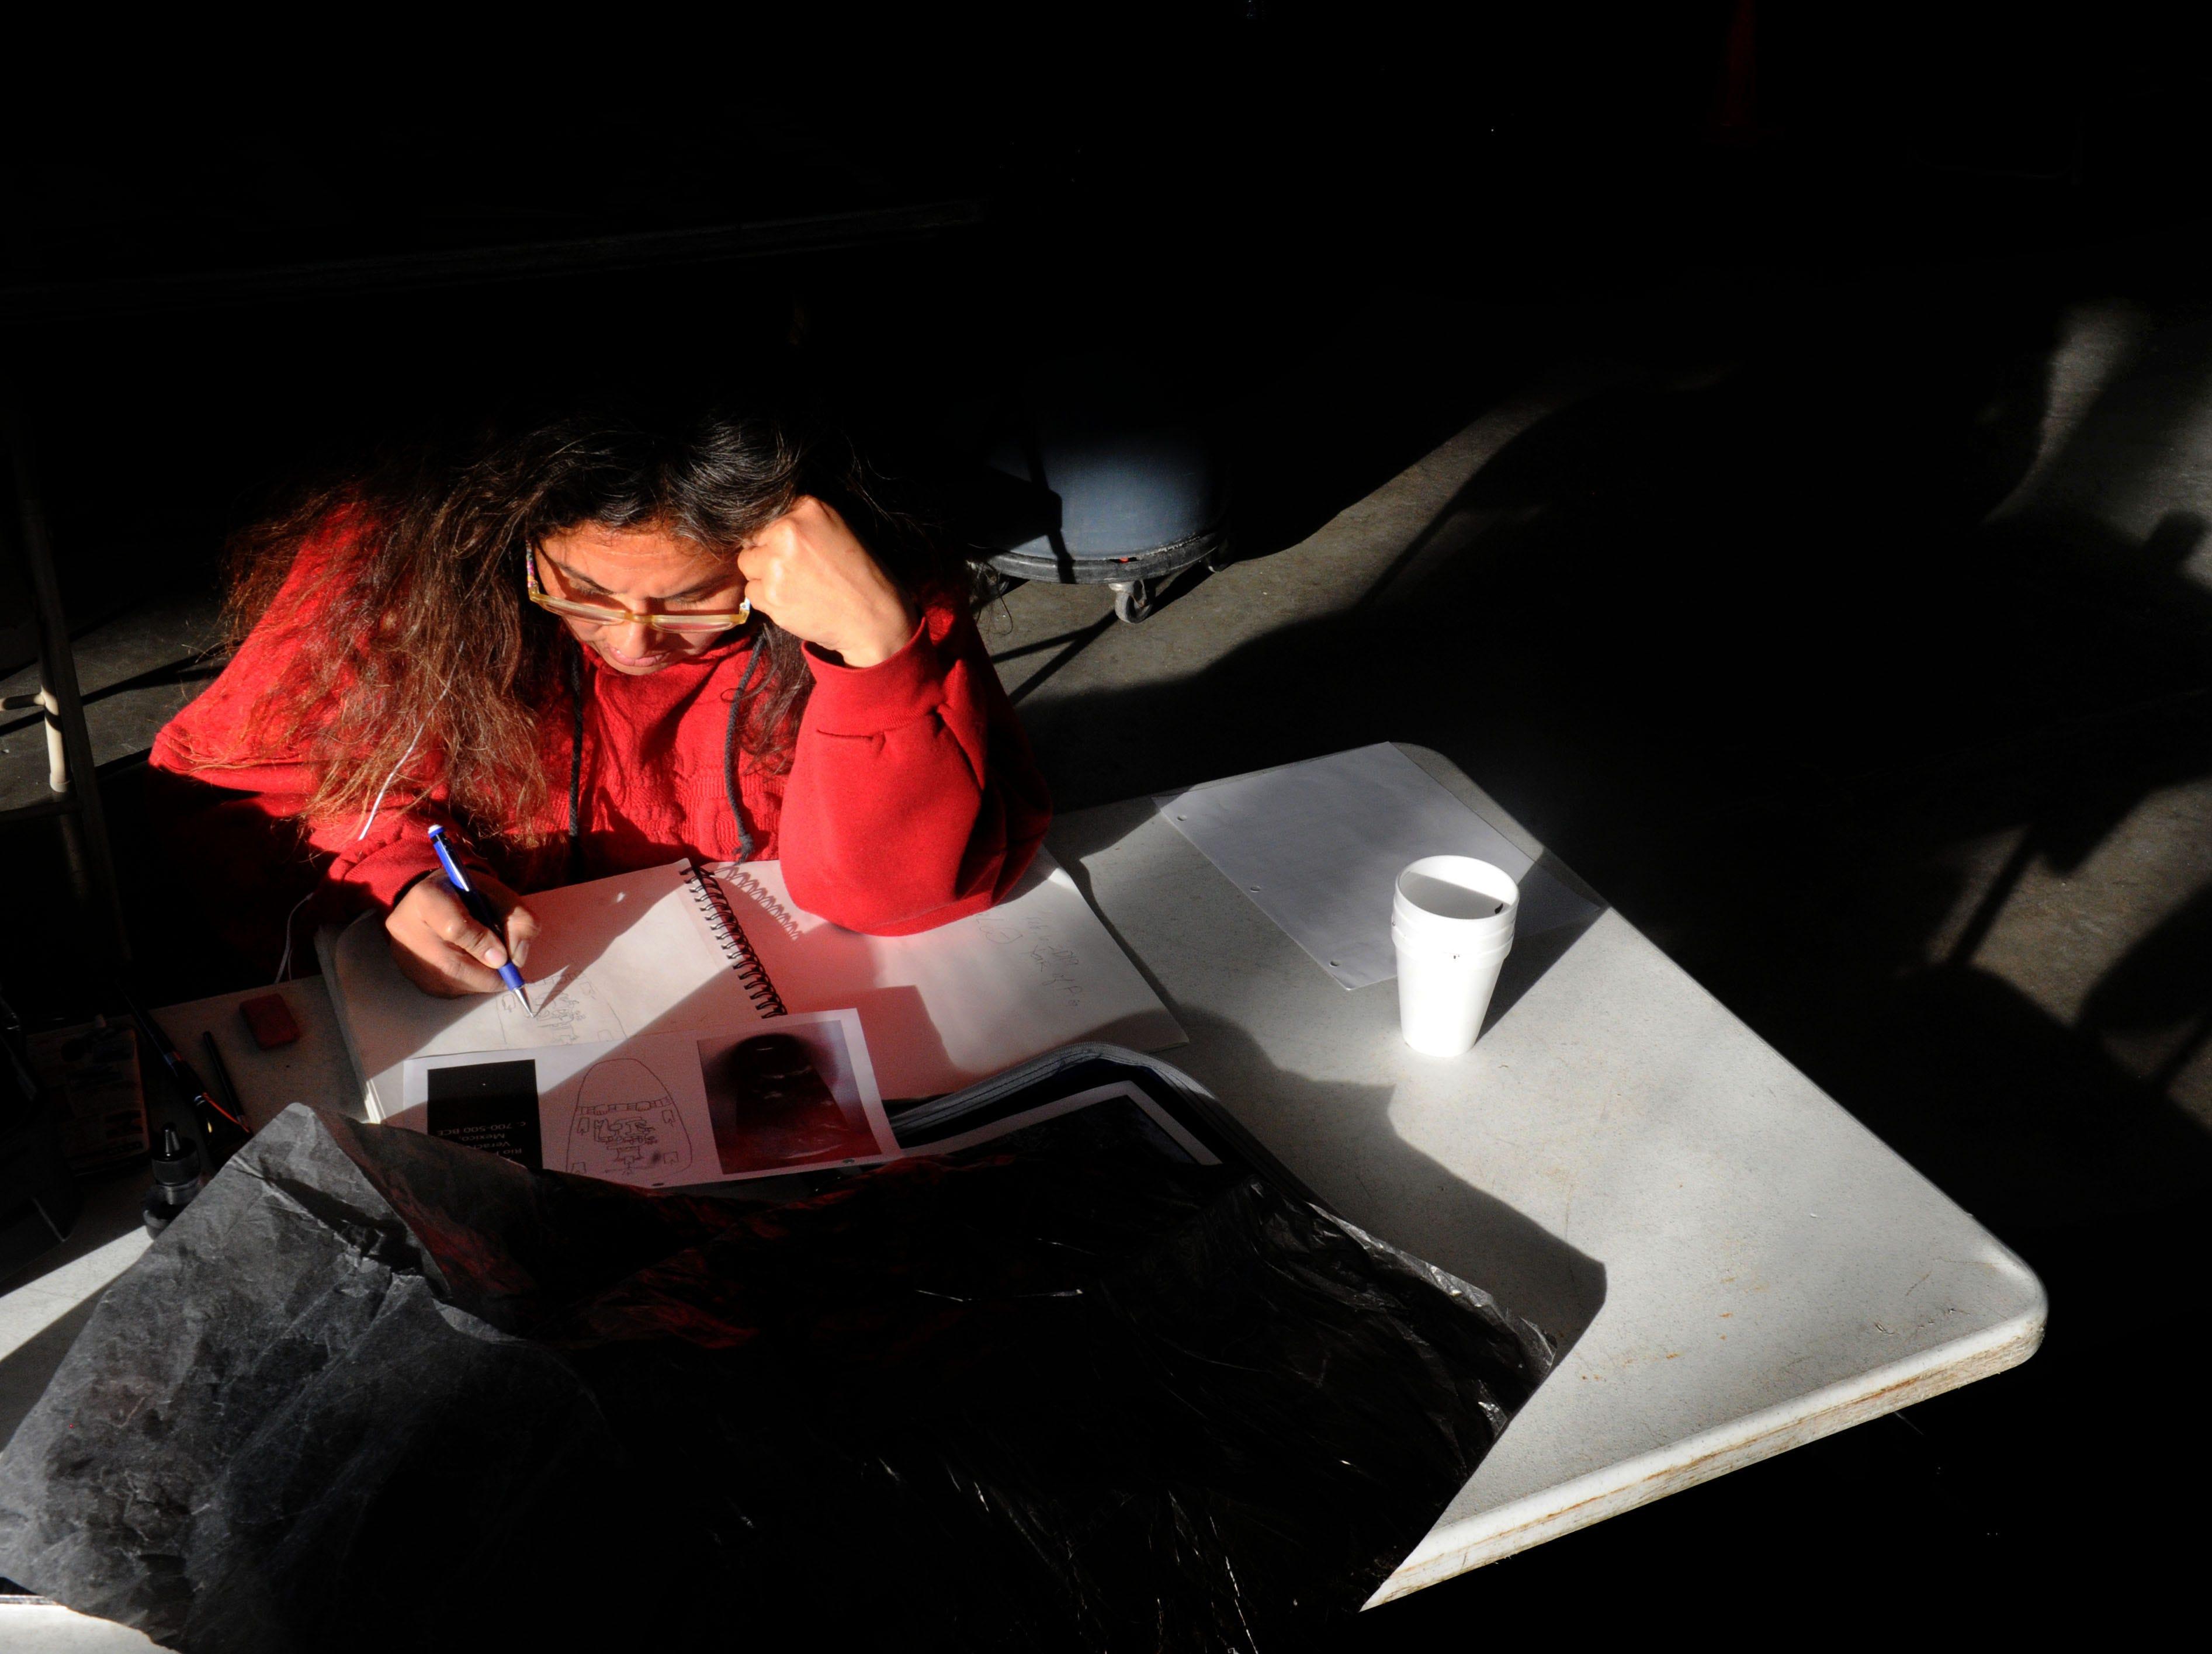 Noe Estrella works on her homework at the Oxnard homeless shelter.